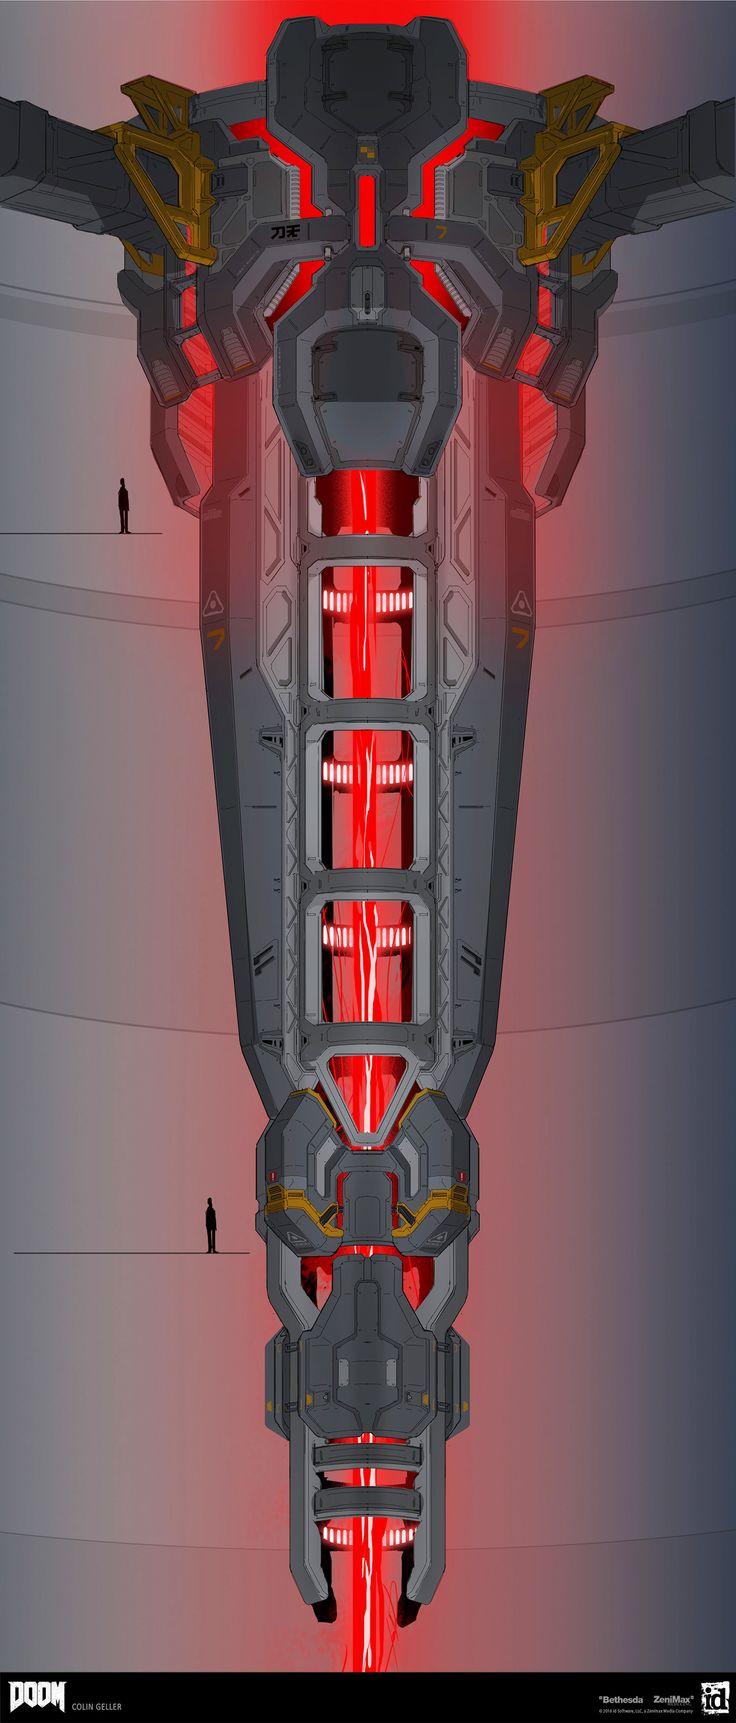 ArtStation - DOOM - Argent Tower Core, Colin Geller